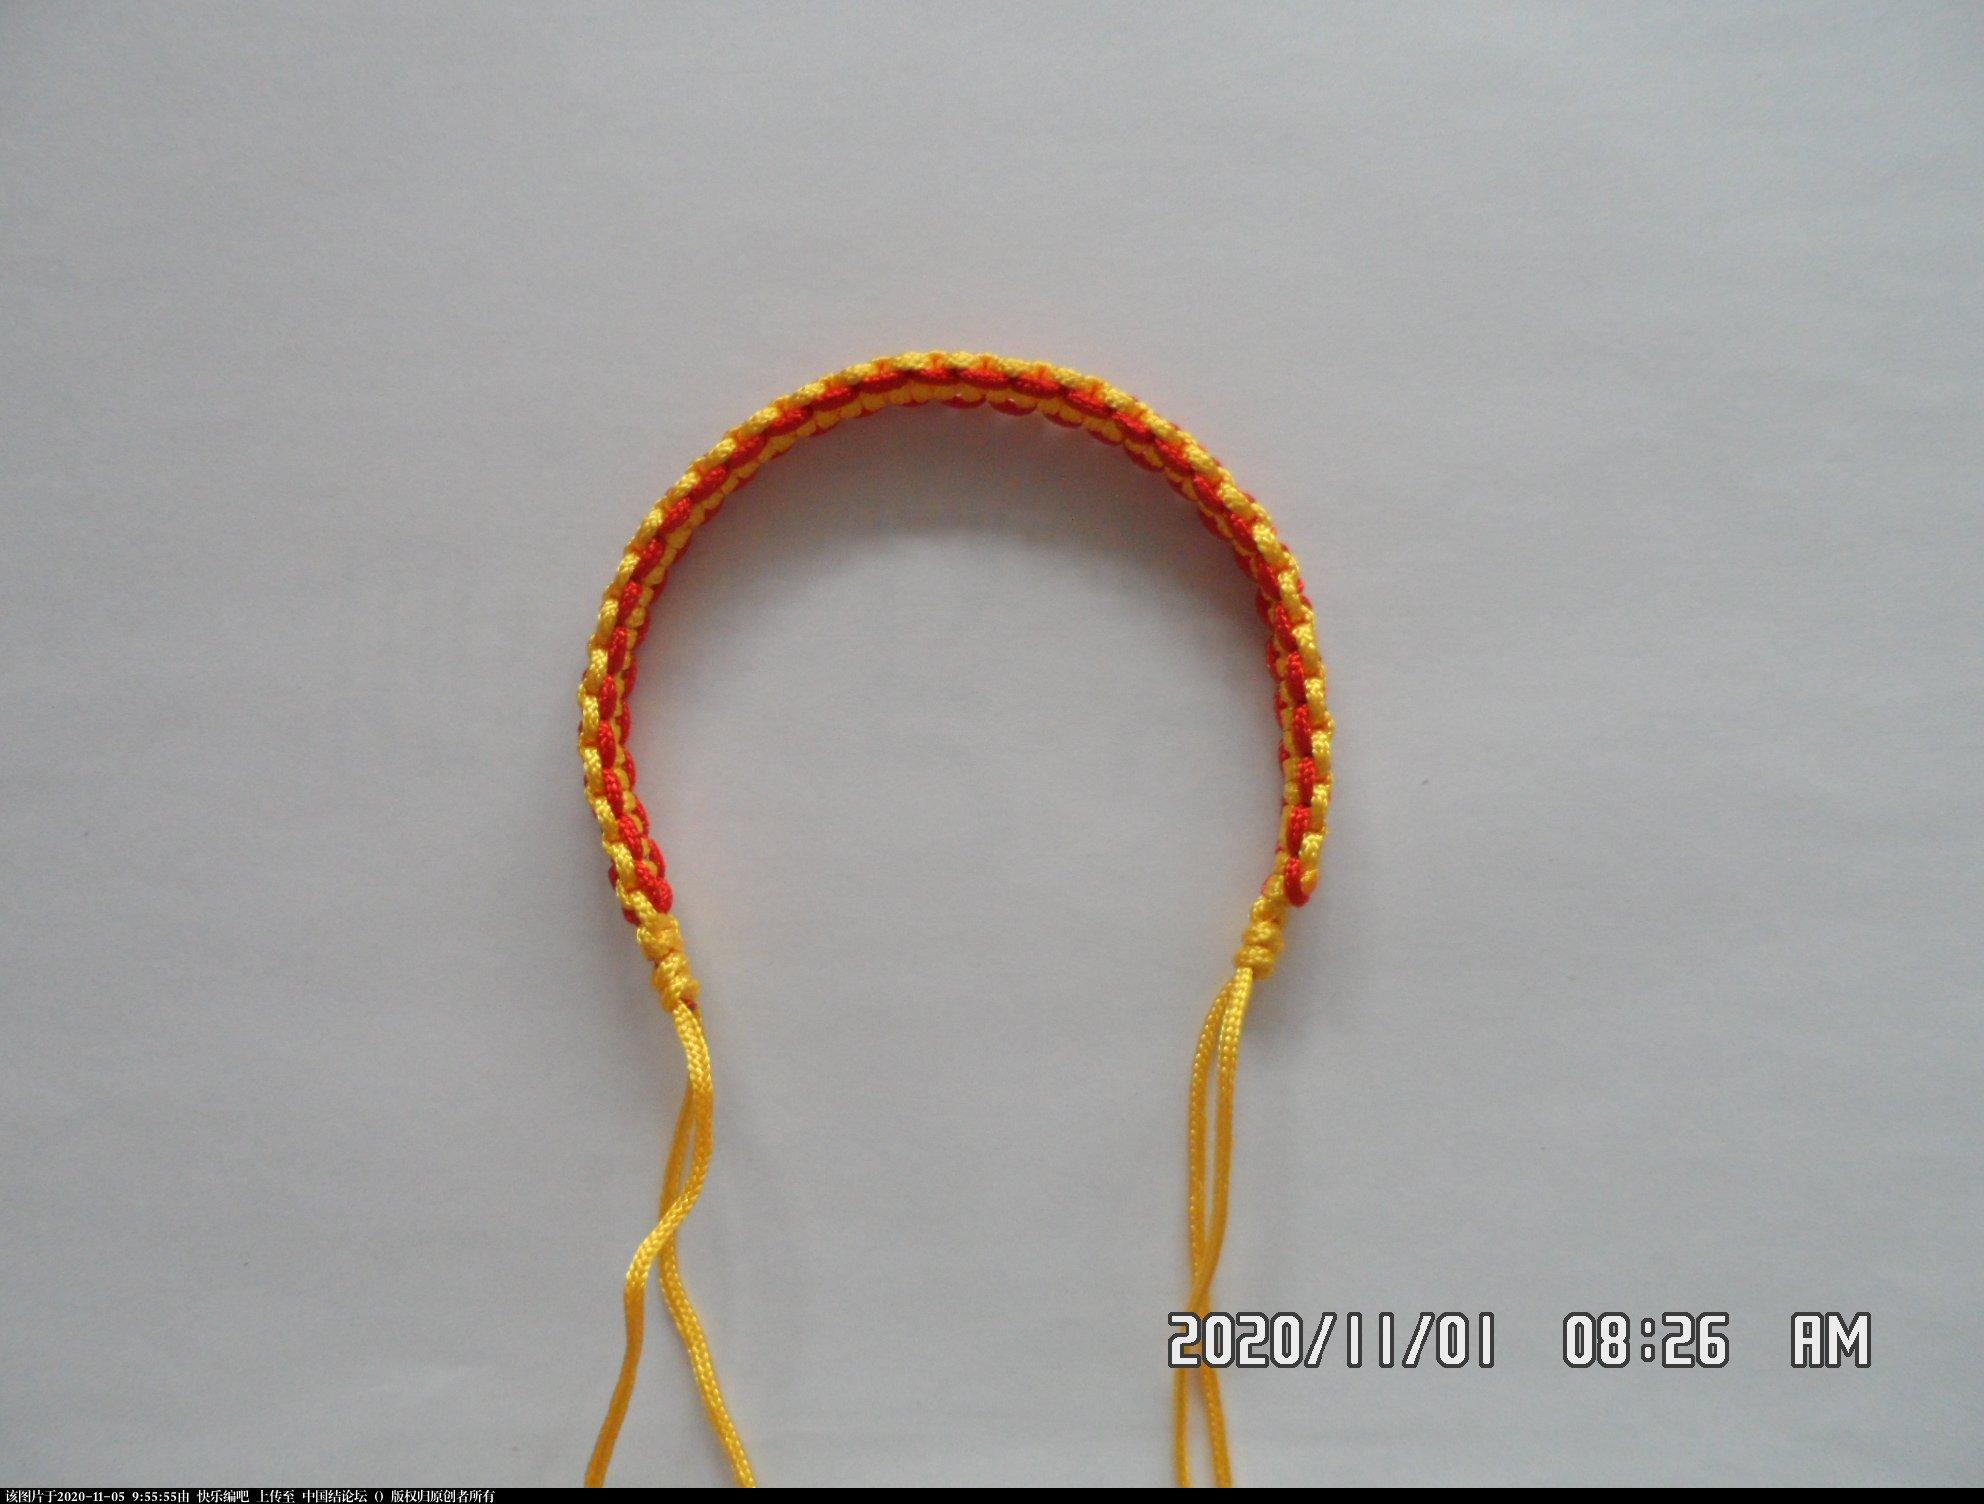 中国结论坛 一款添加装饰线的平结手绳 —— 平结还可以这样编(4) 平结,平结的链,手链,中国结入门基础教程 图文教程区 093429yrzxtx05ktgh7ff5